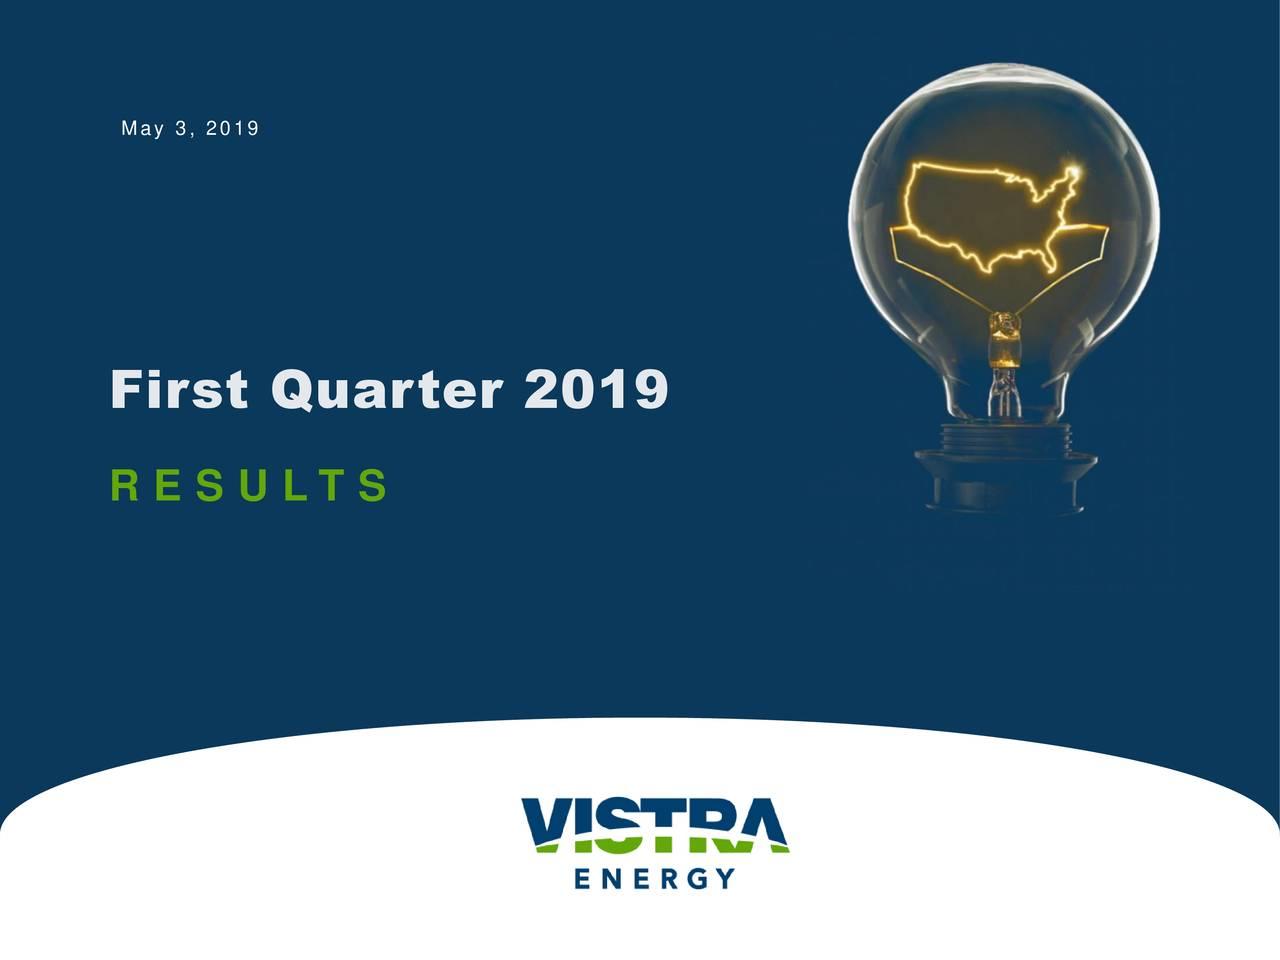 First Quarter 2019 R E S U L T S